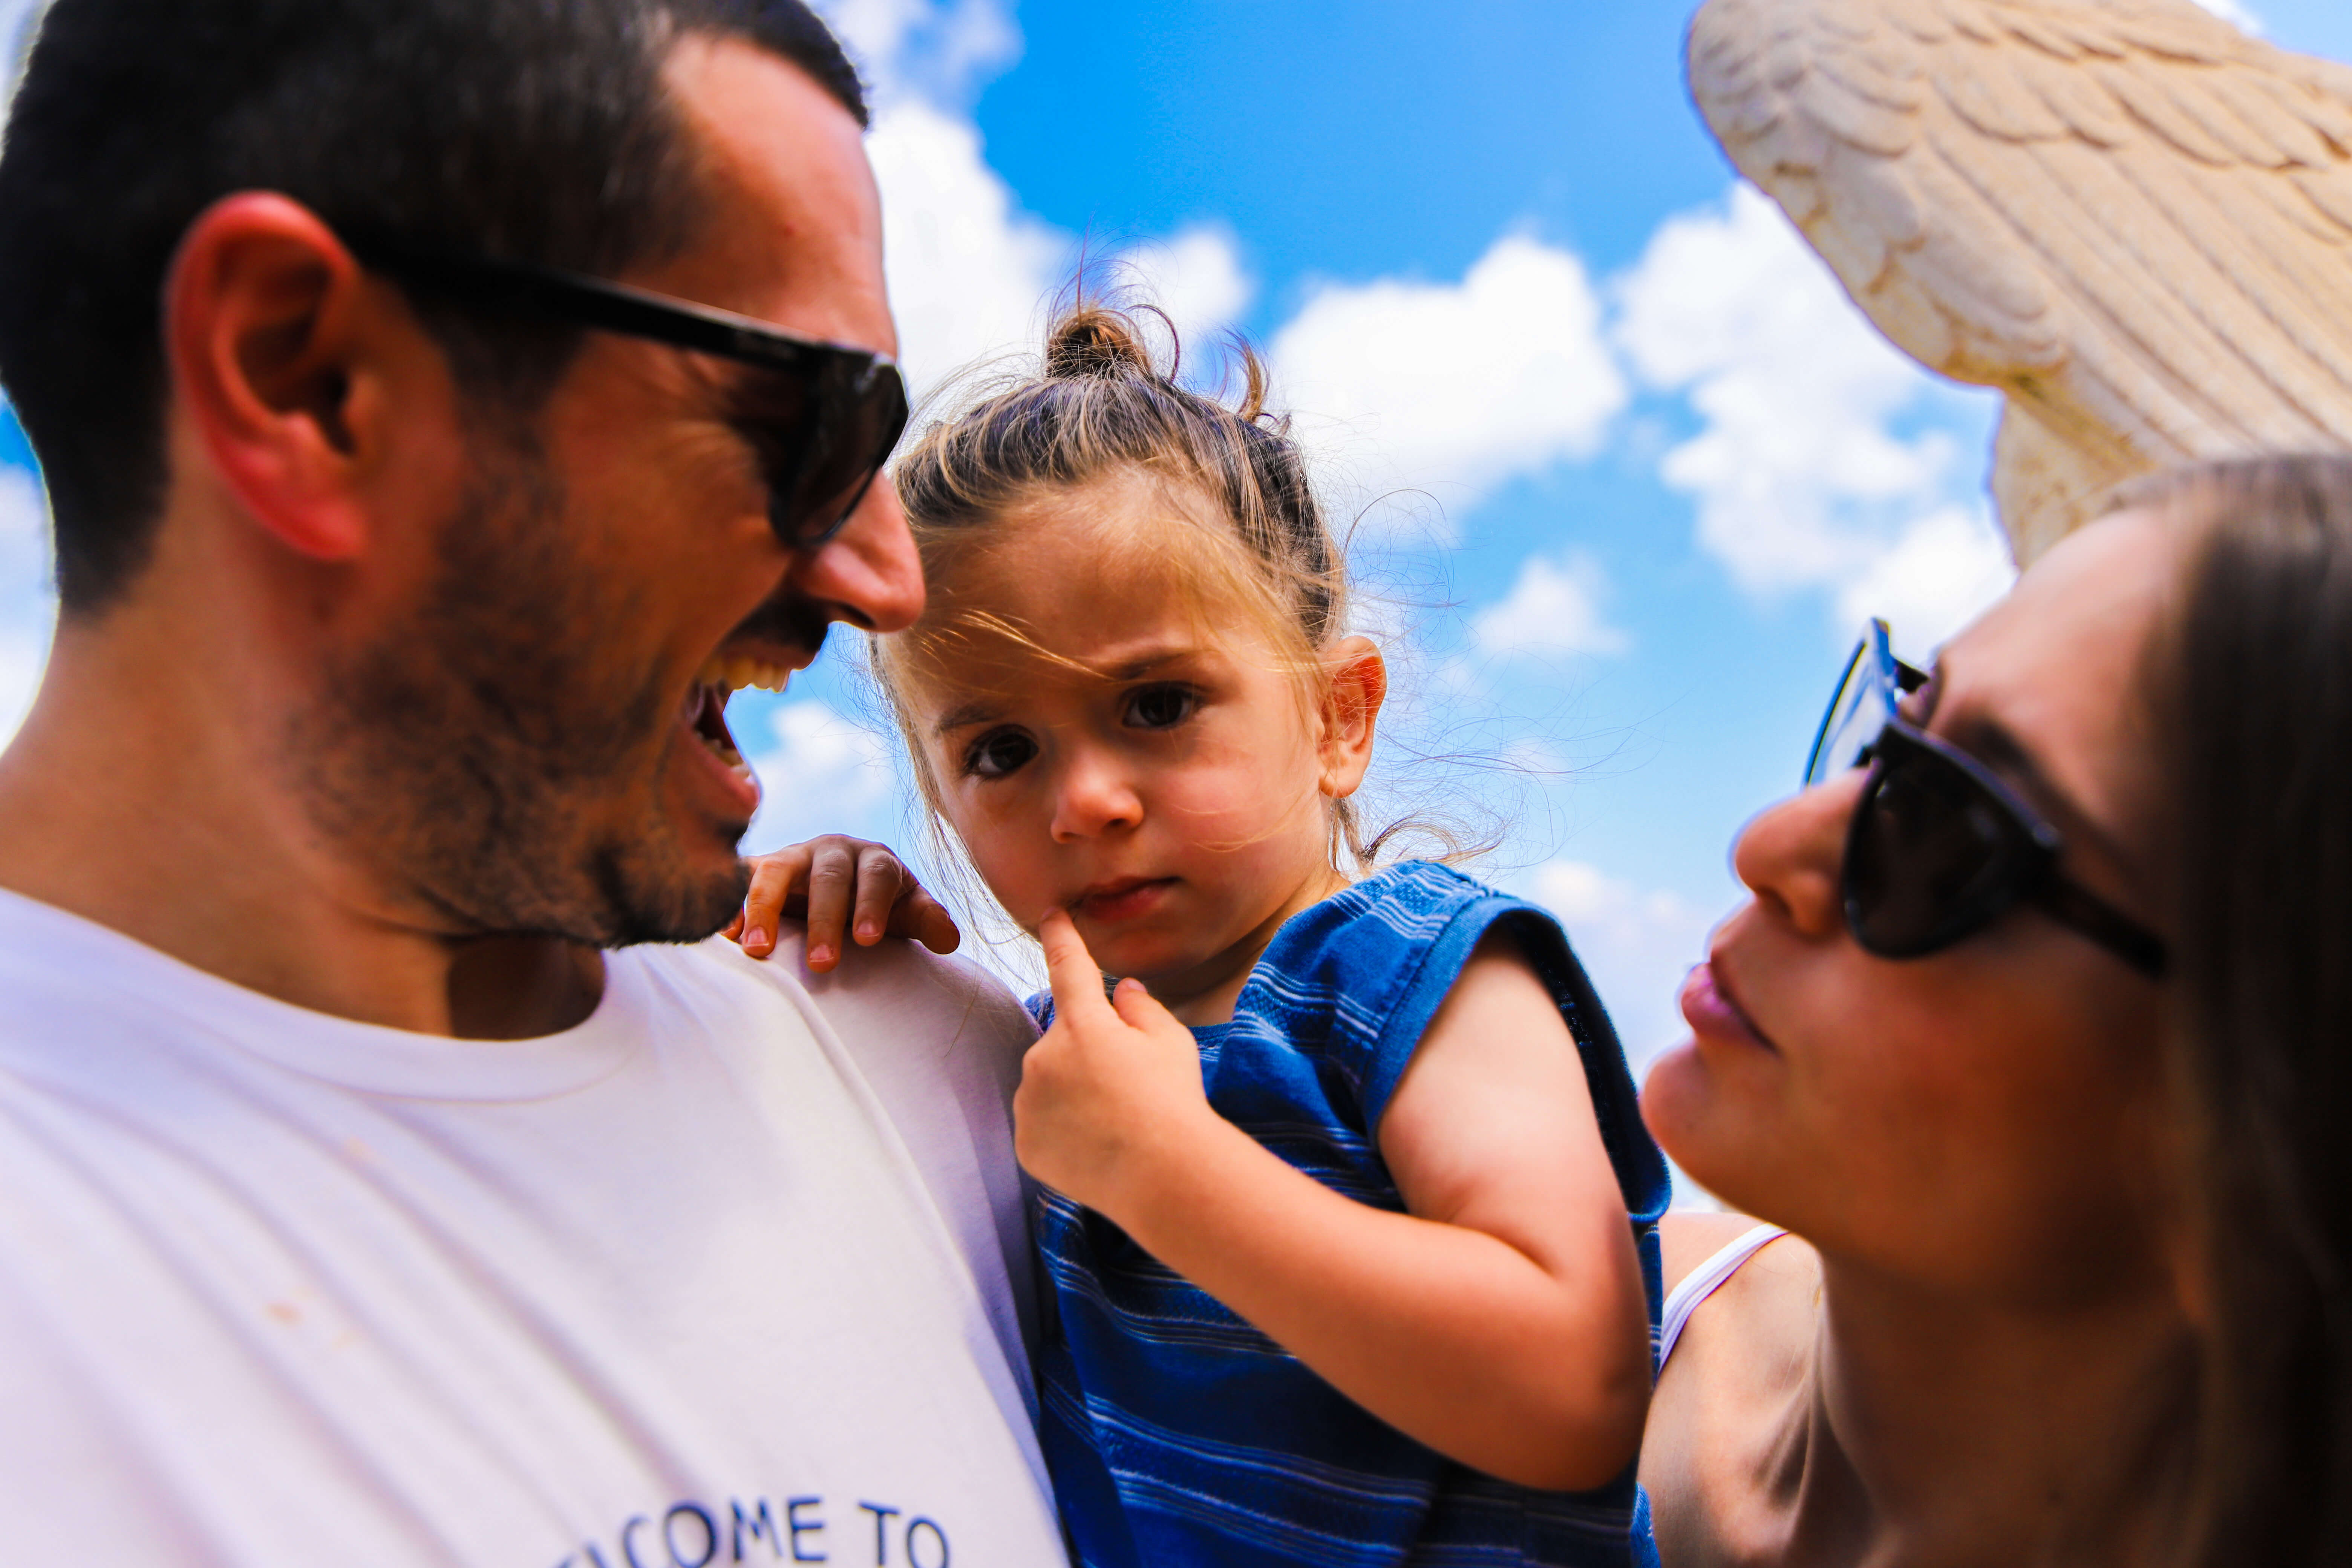 צילומי משפחה עם מוזה צלמים